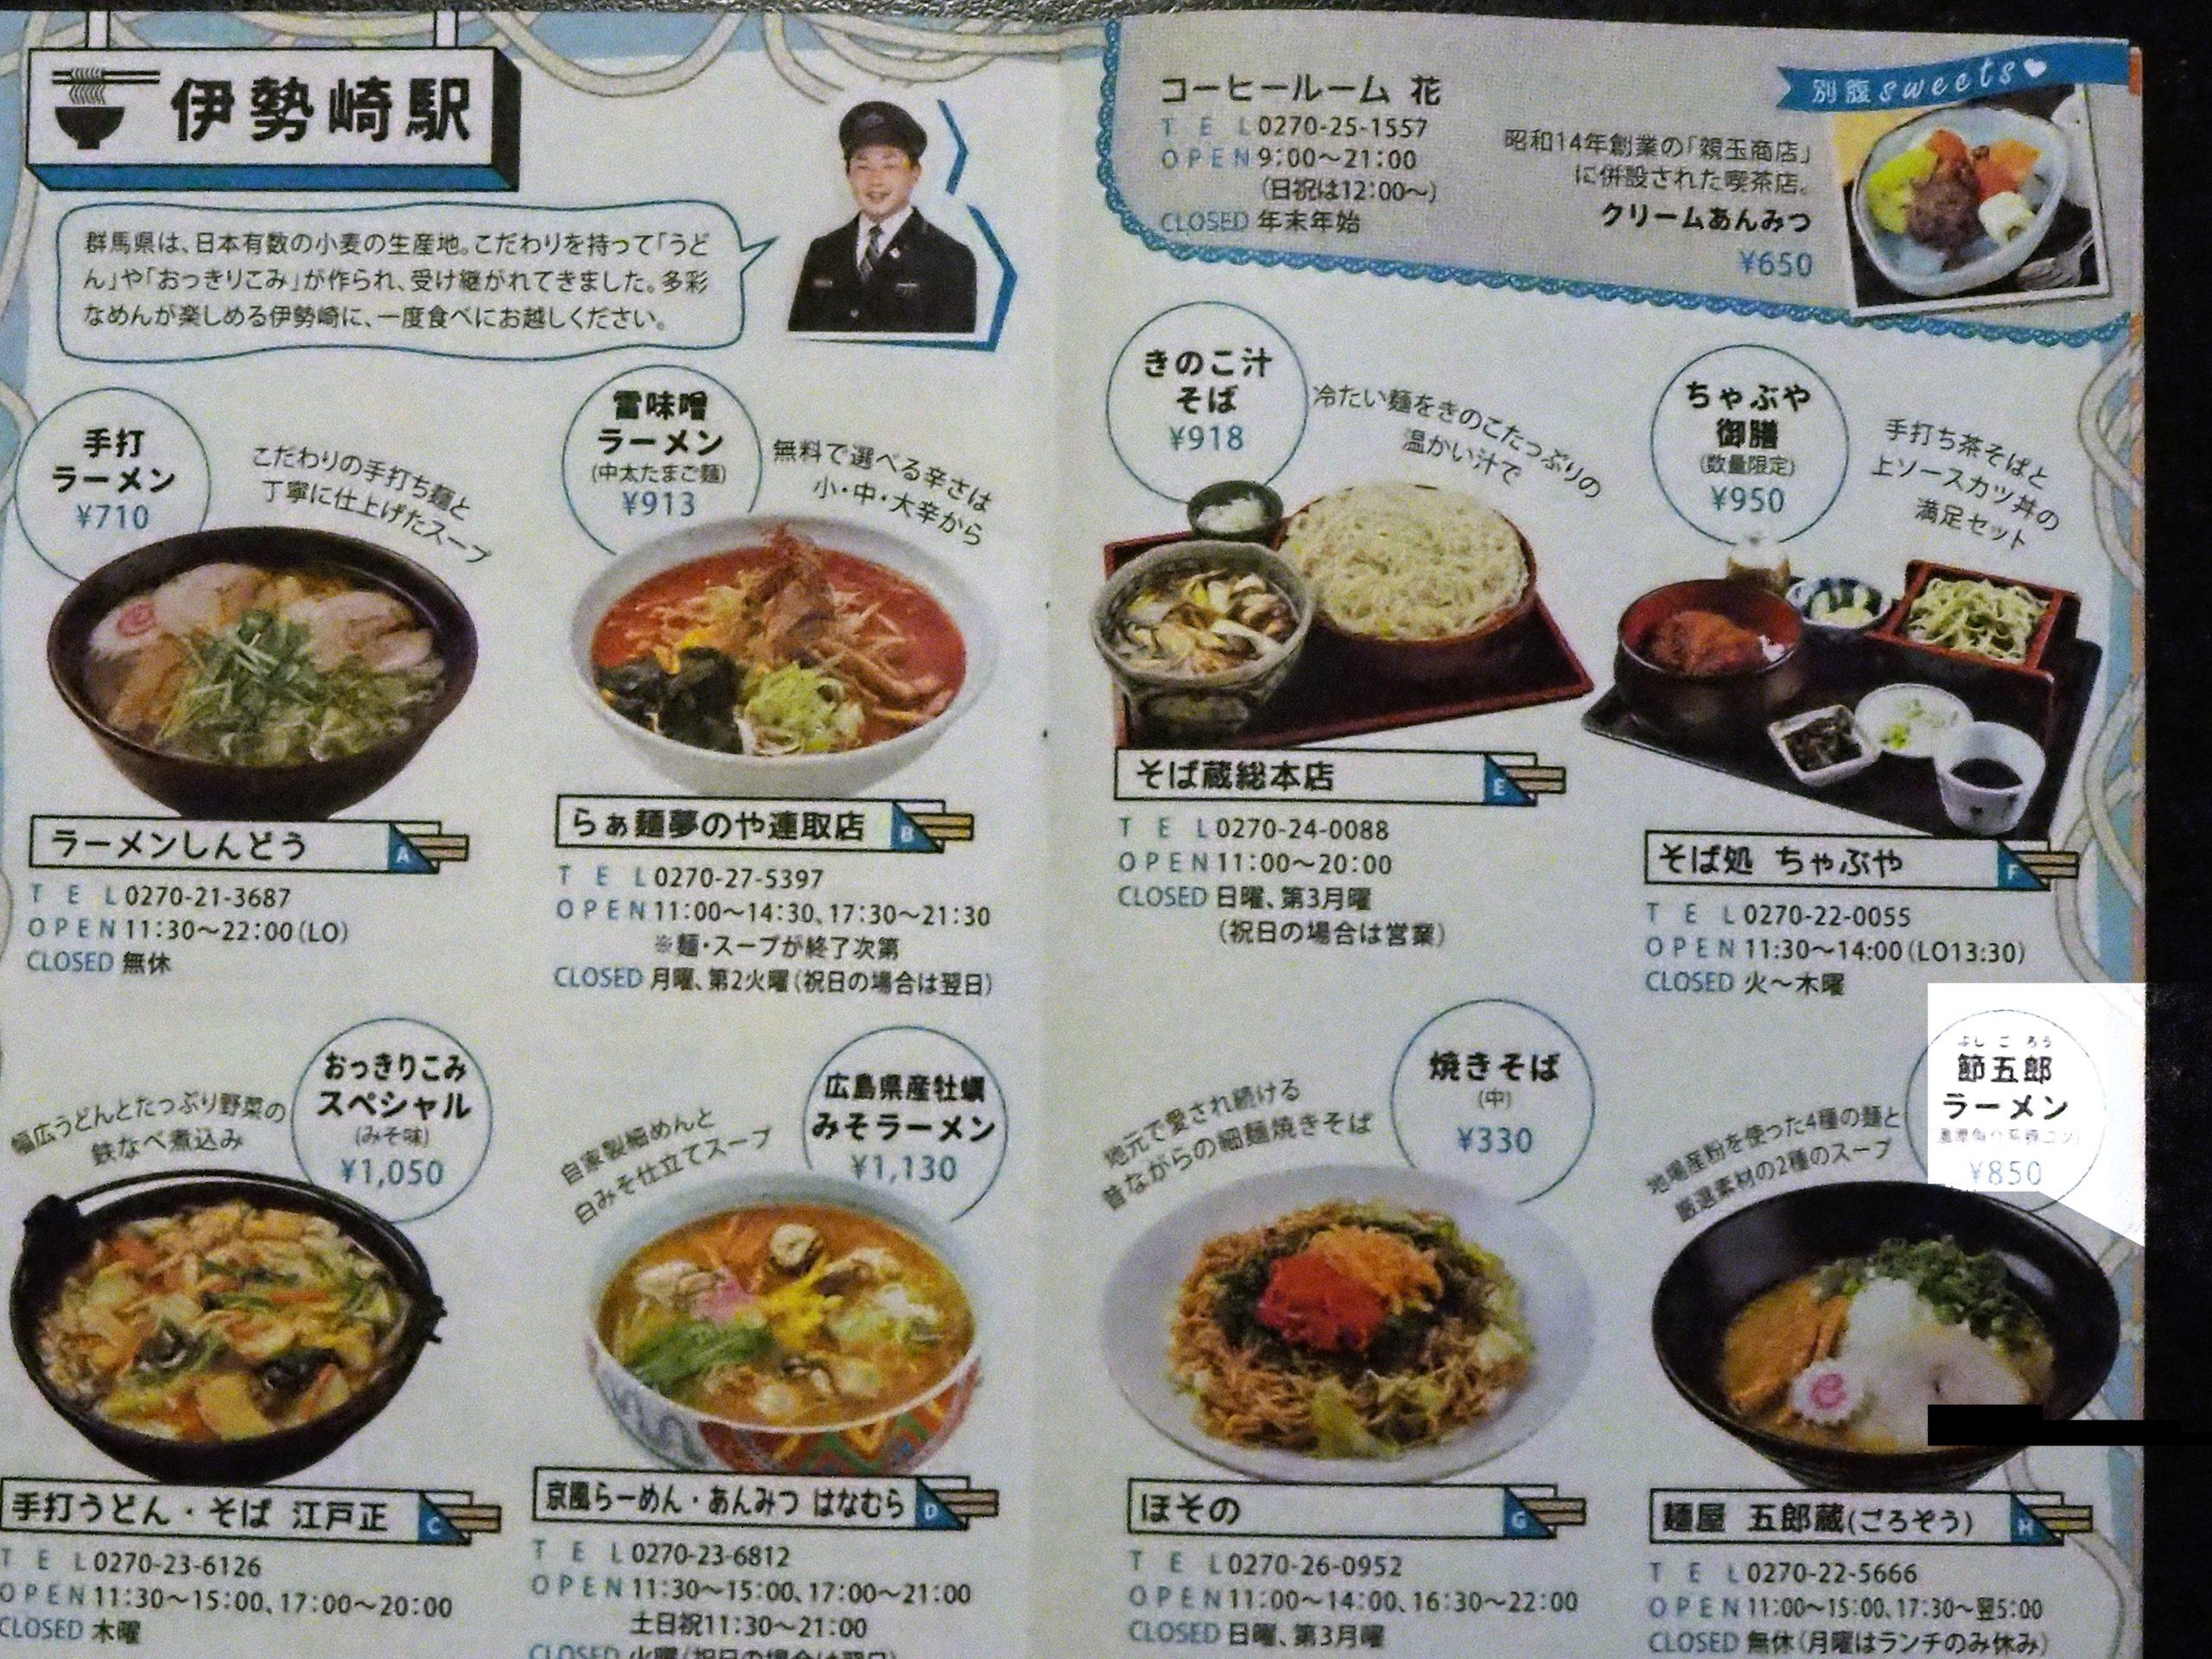 伊勢崎駅周辺 メニュー